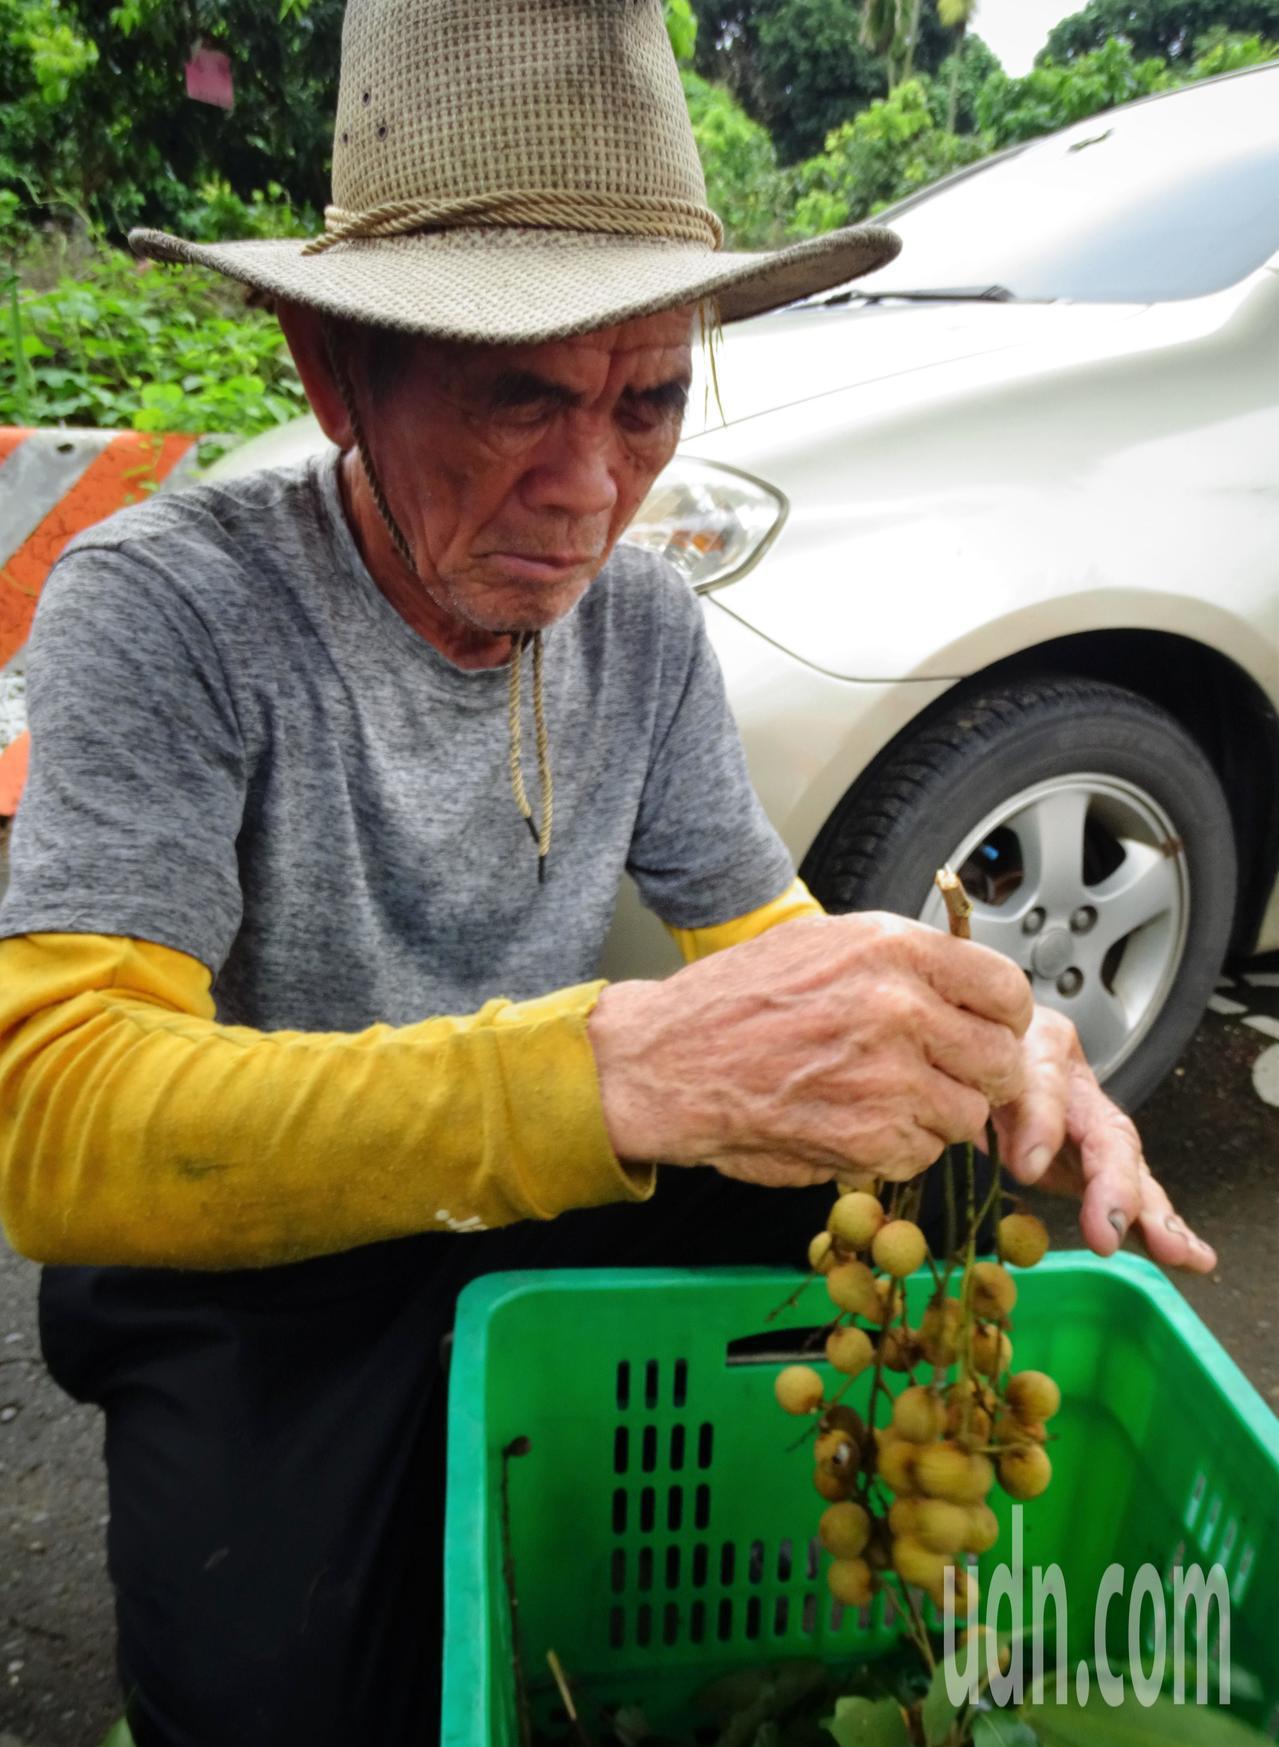 彰化縣社頭鄉農民劉政治種植龍眼70載,也認為果樹矮化好處多多。記者凌筠婷/攝影